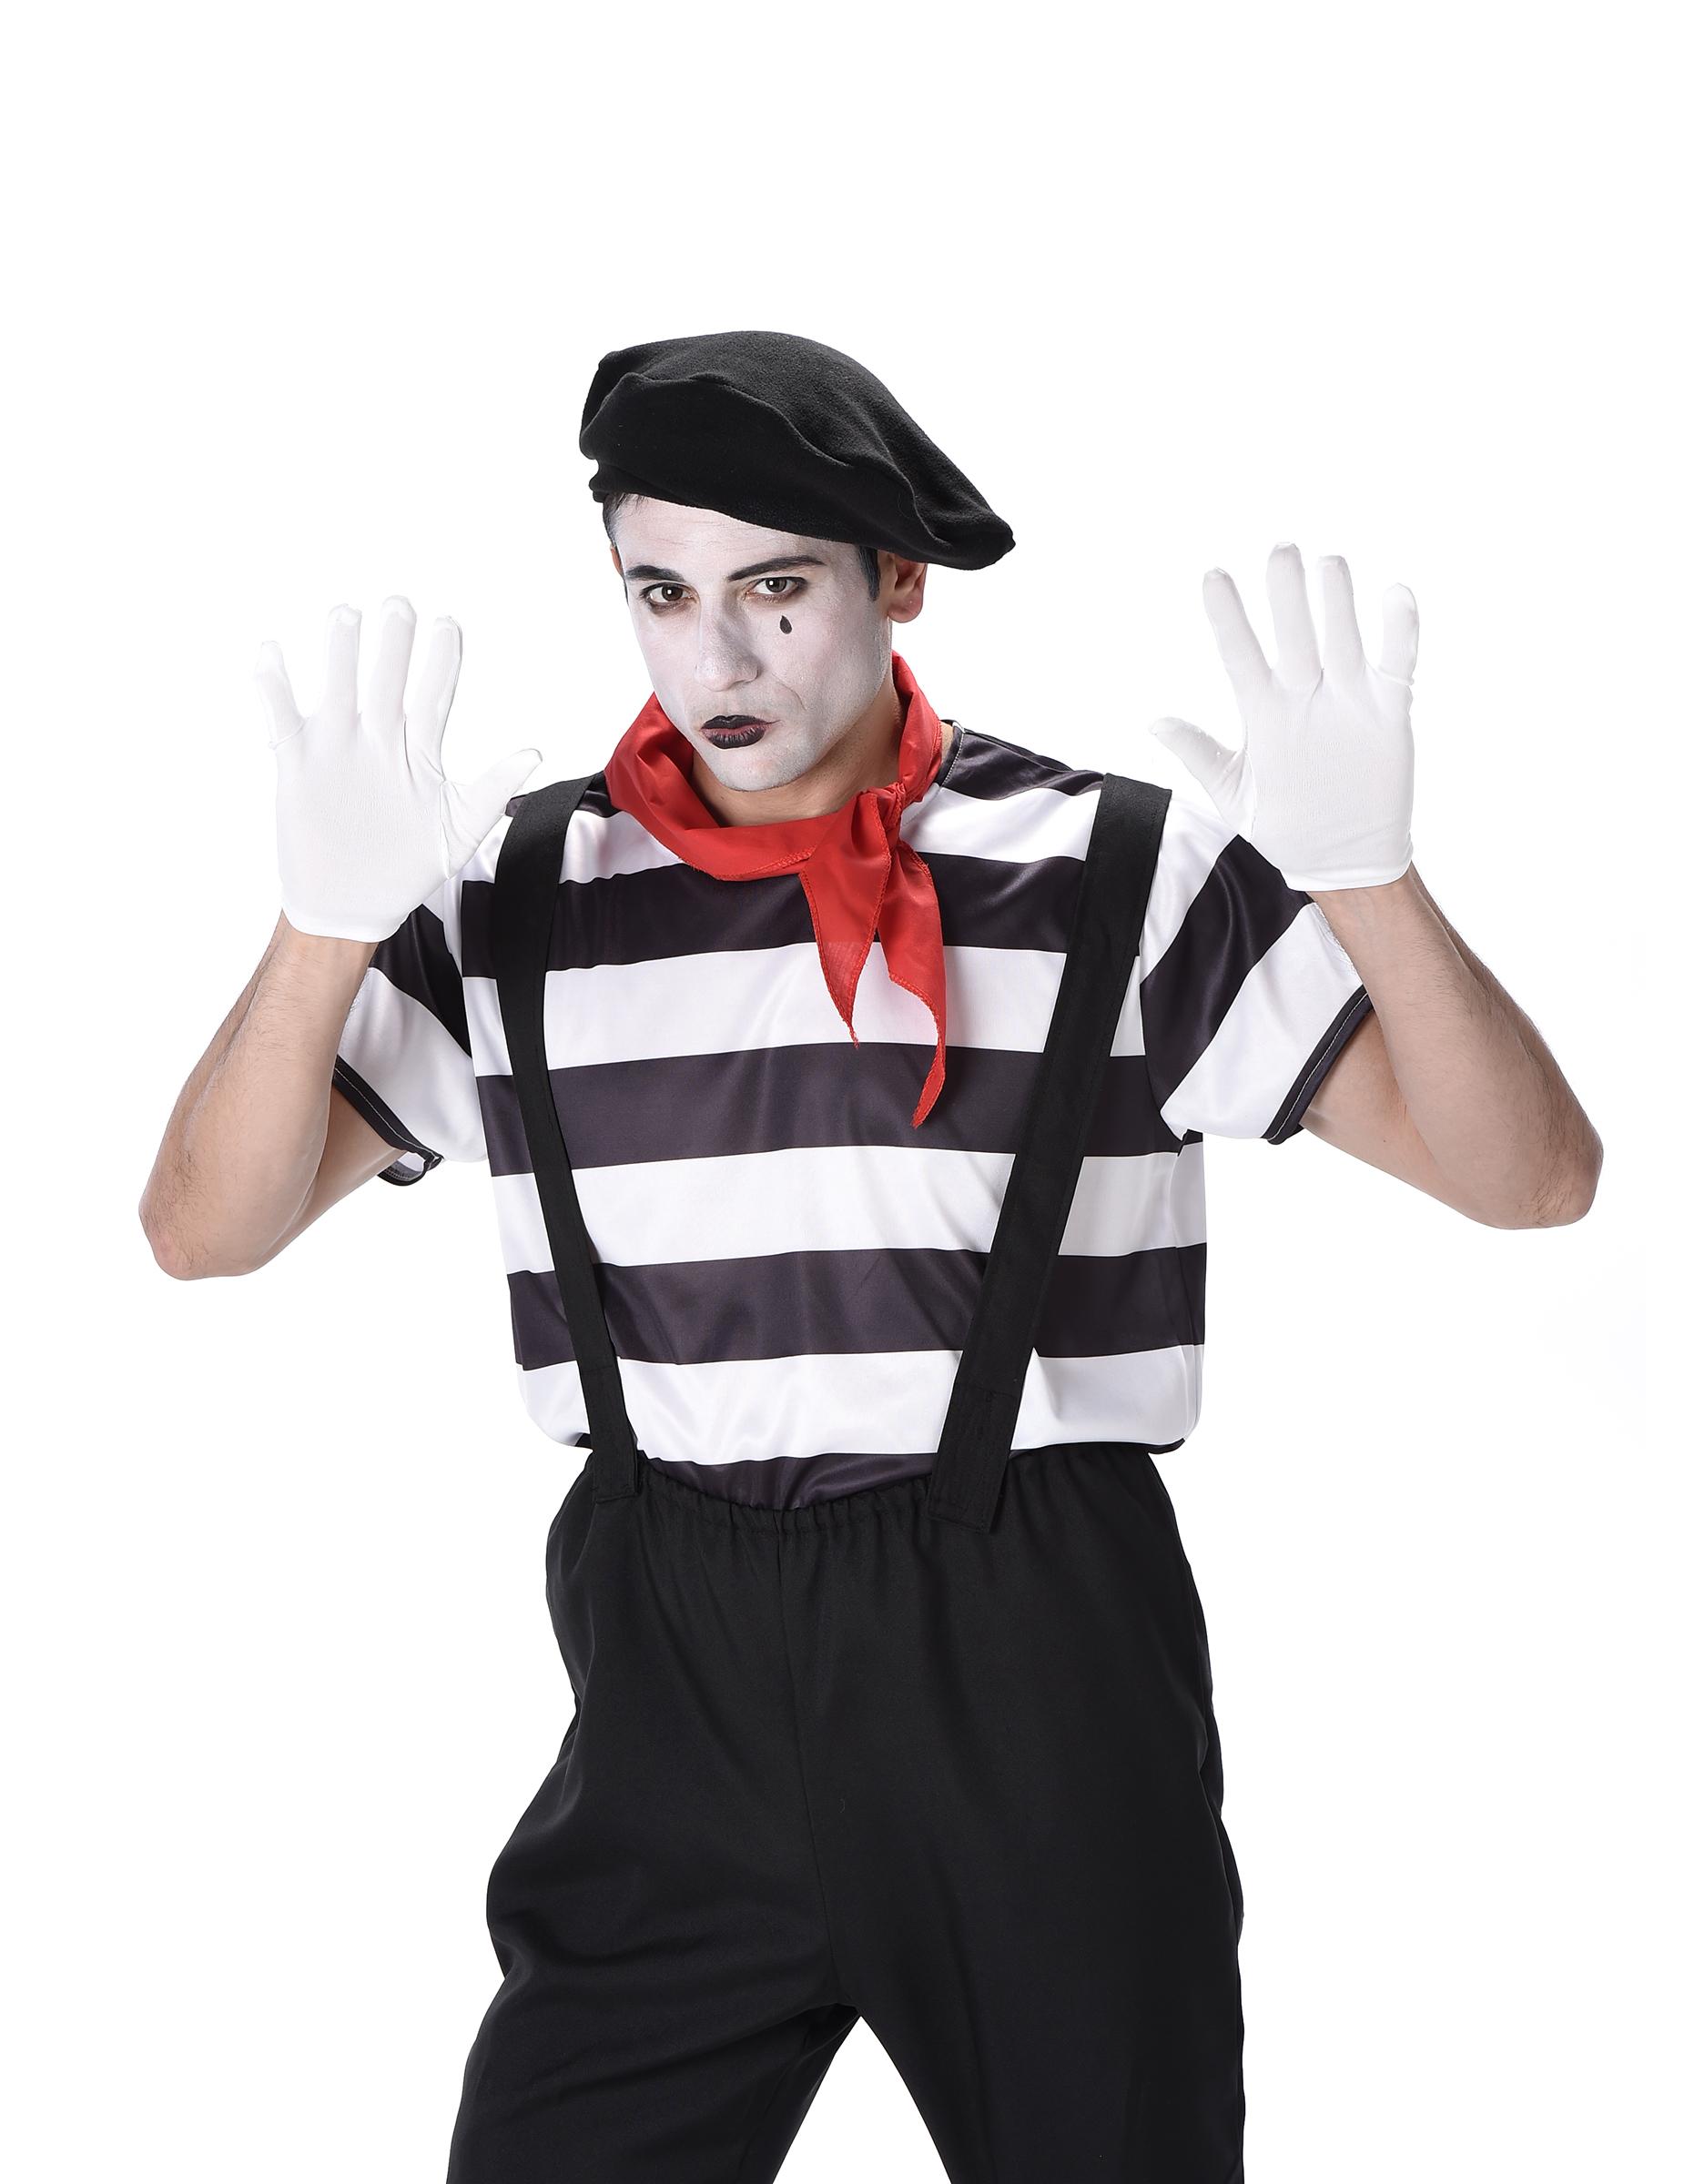 5d8419c95044 Costume mimo per uomo: Costumi adulti,e vestiti di carnevale online ...